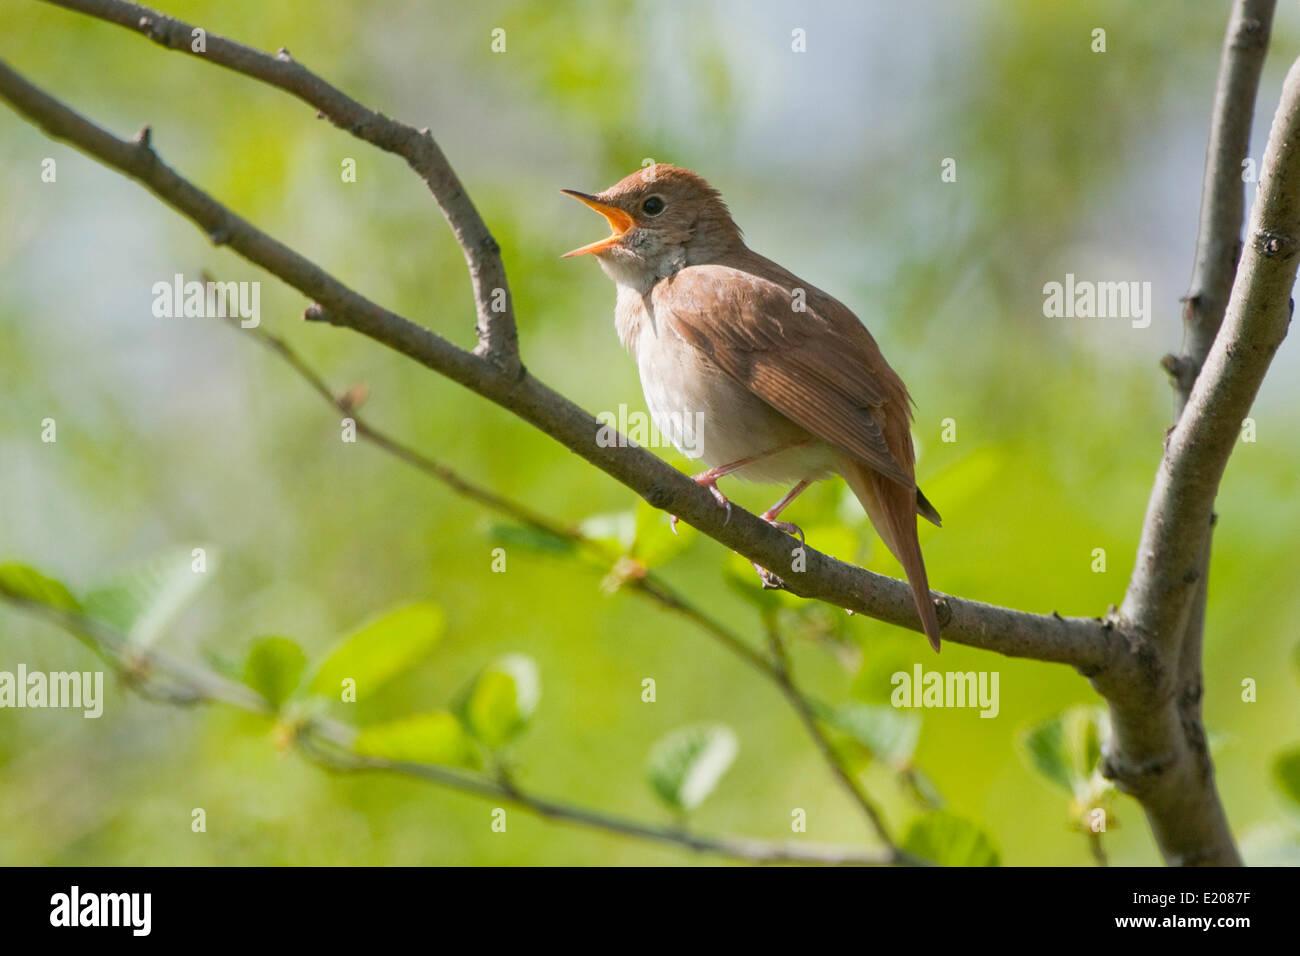 Nightingale (Luscinia megarhynchos), singing, Thuringia, Germany - Stock Image